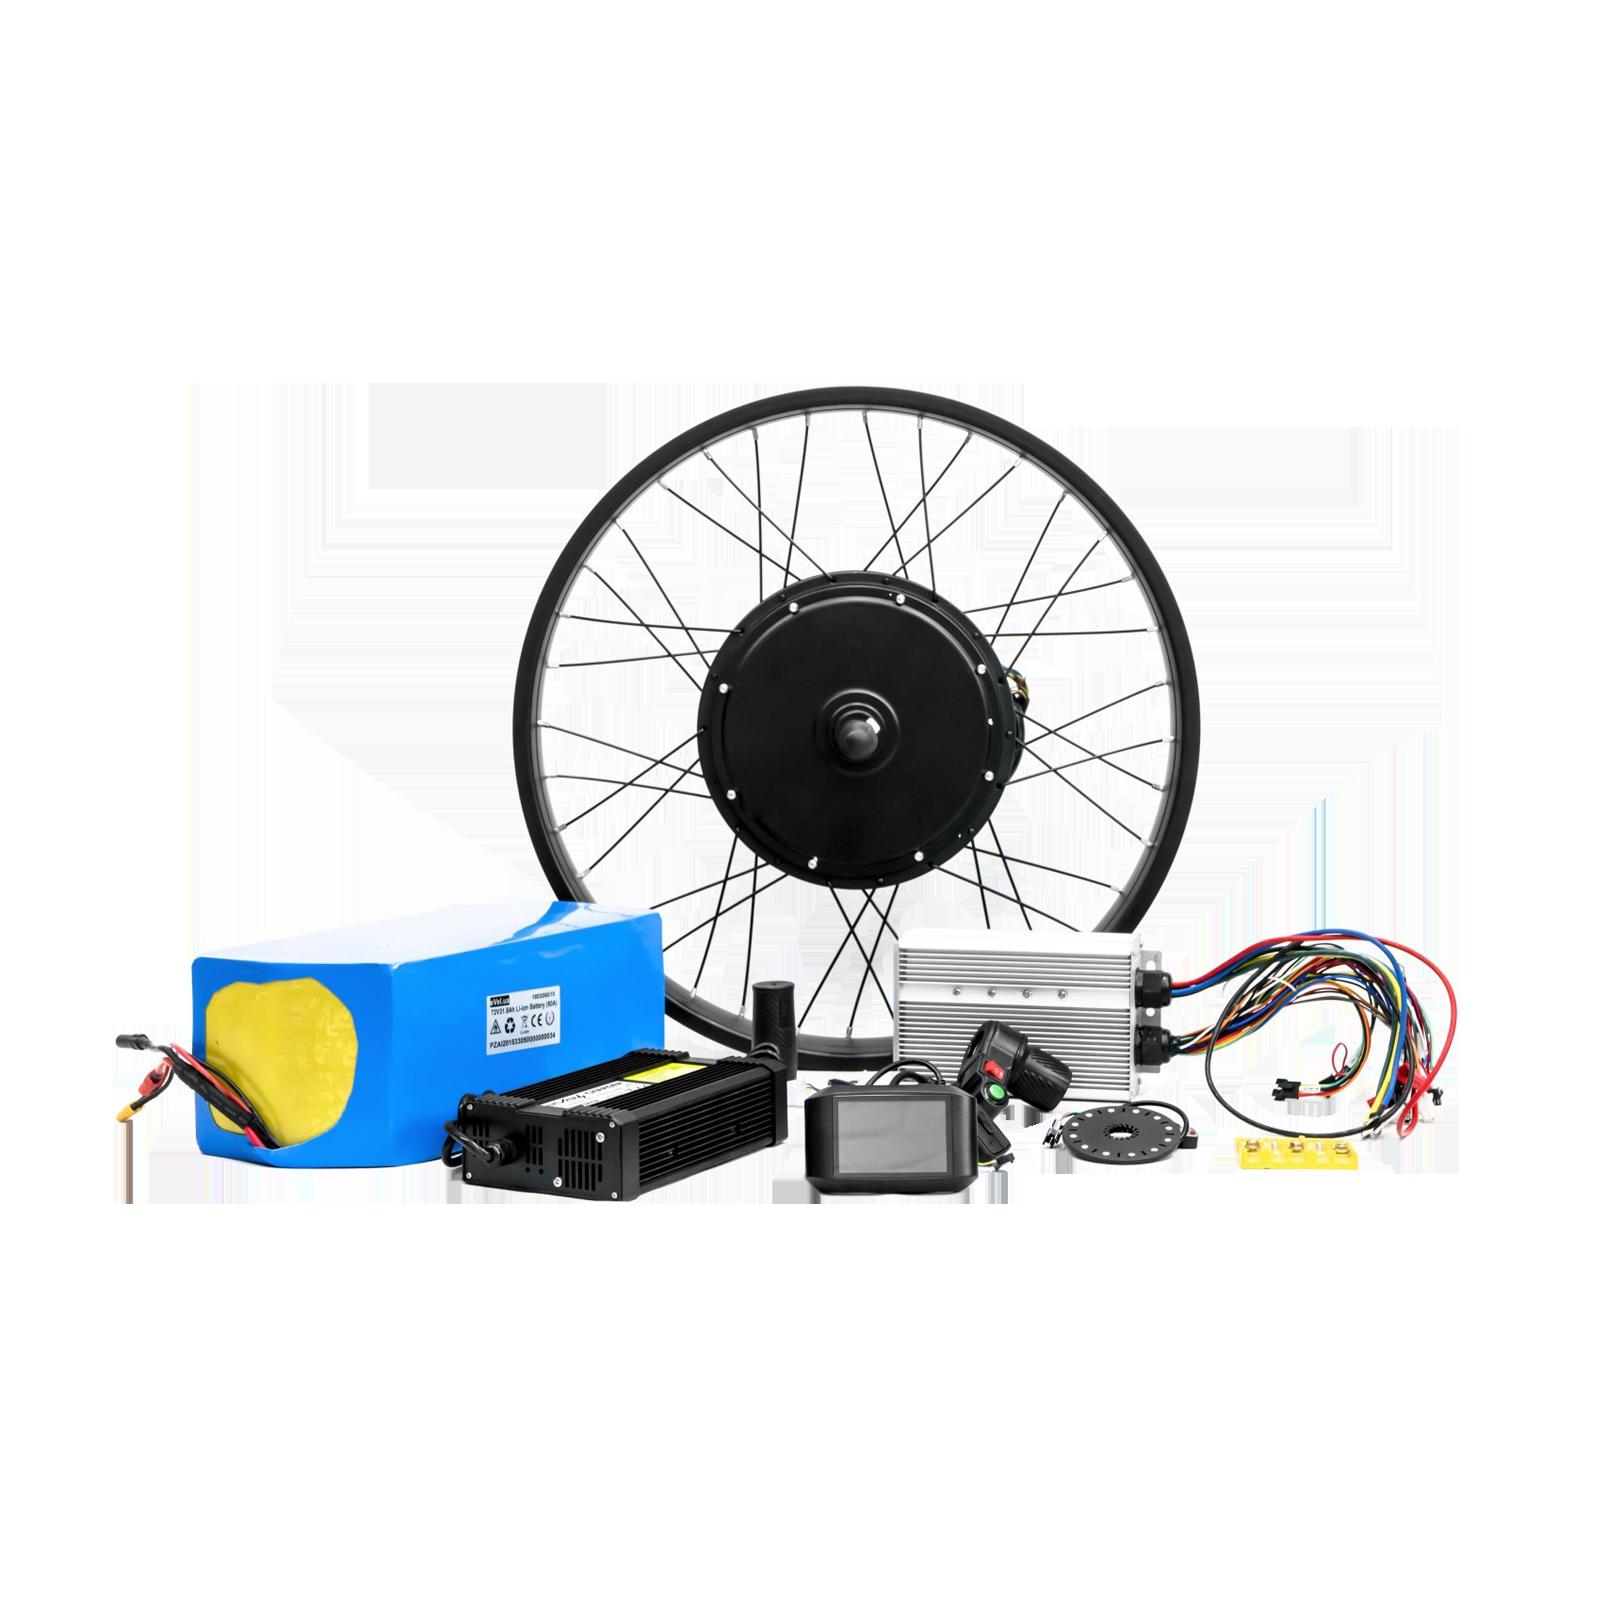 Електрокомплект для велосипеда 72В 3000Вт безредукторний з літій-іонним акумулятором Boston Swing 37Ah